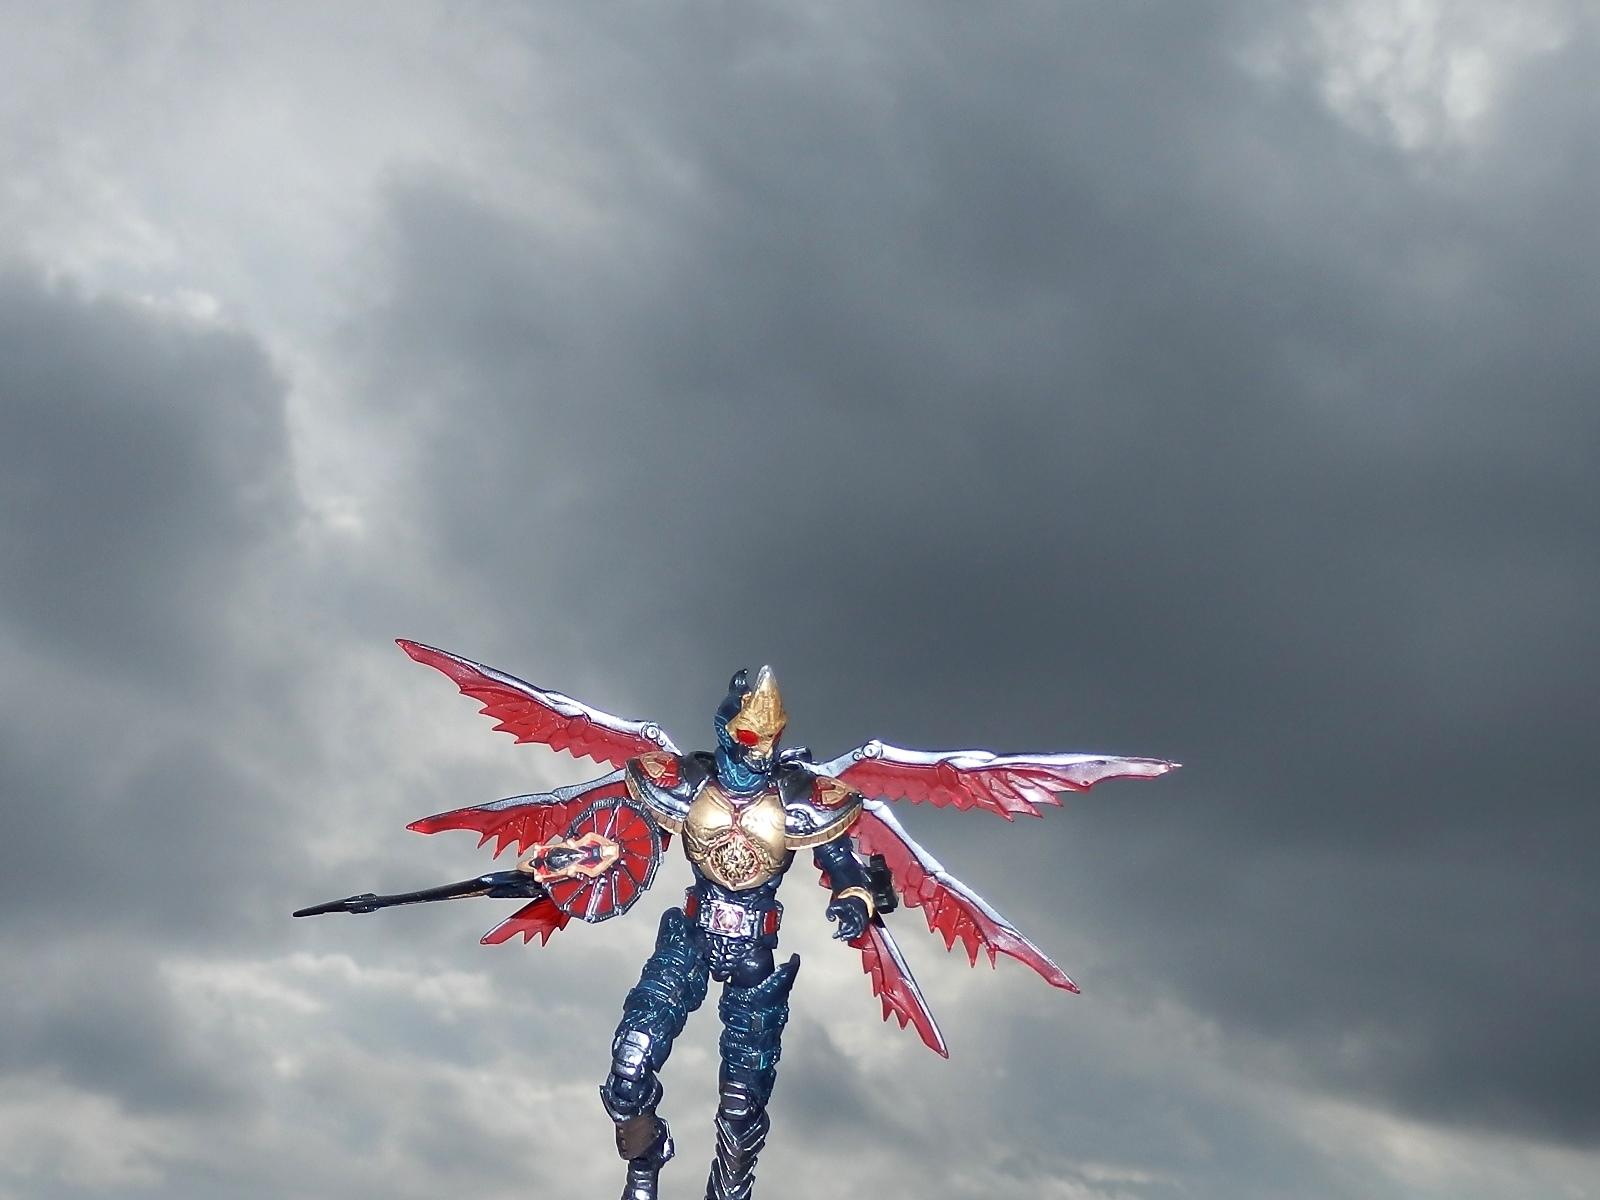 仮面ライダー愛の戦士